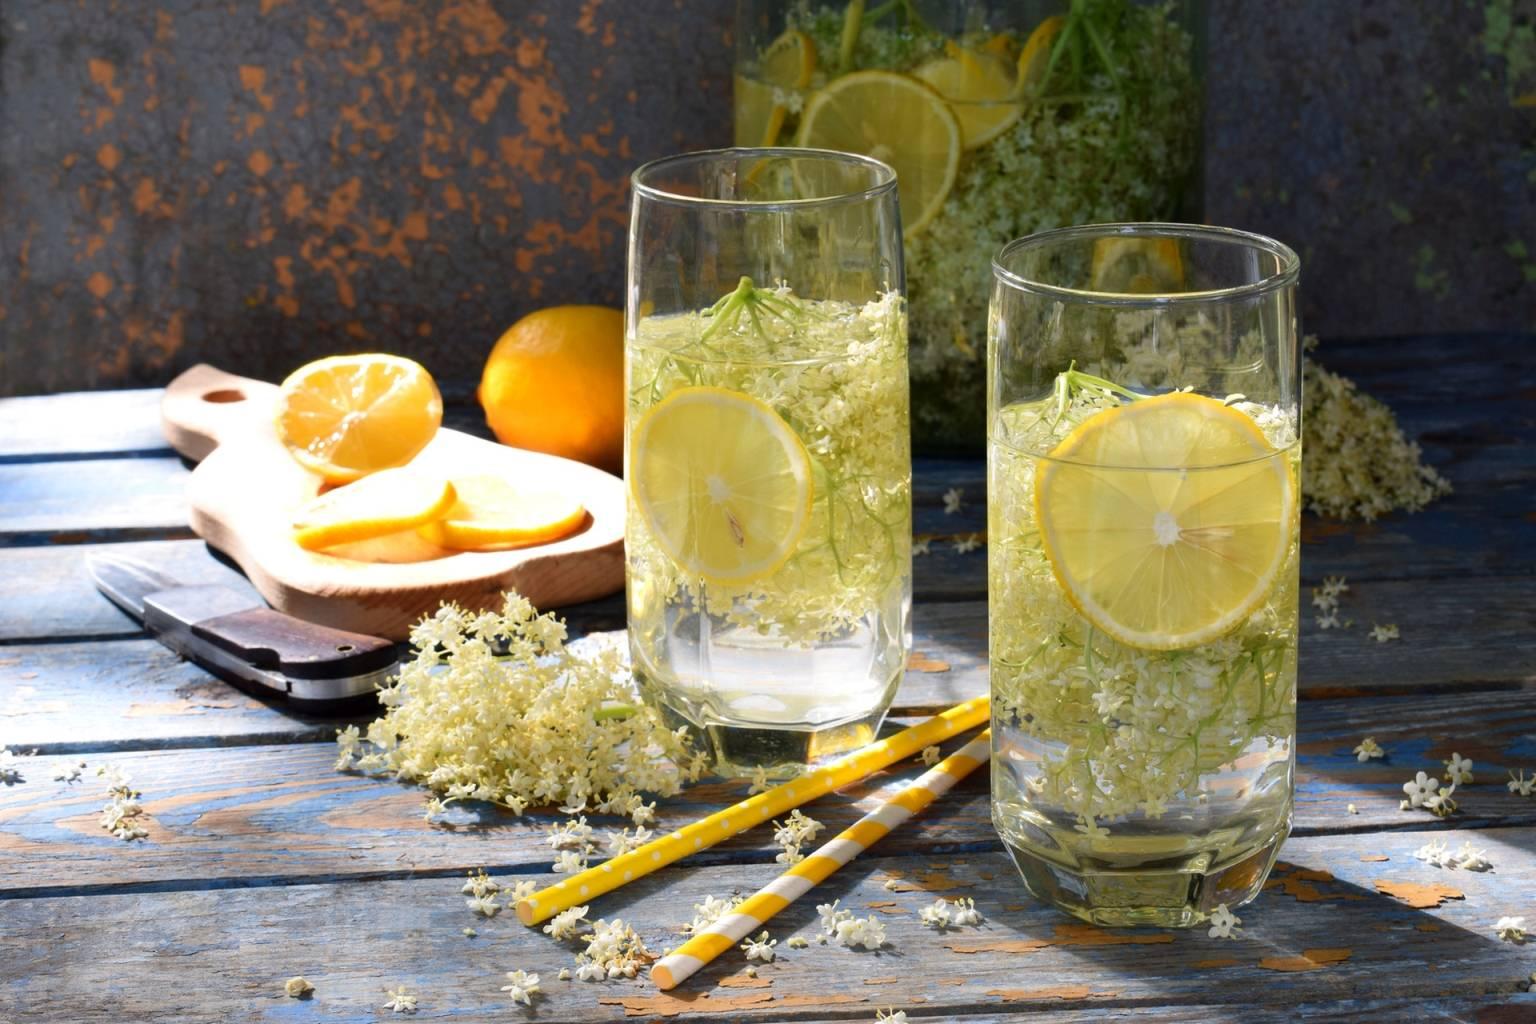 Przepis na odwar z kwiatów czarnego bzu. Na starym drewnianym stole stoją dwie szklanki z wodą z cytryną i kwiatami czarnego bzu. Obok leżą dwie słomki, kwiaty czarnego bzu, deska do krojenia z pomarańczą, w tle stoi słój z napojem z czarnego bzu.